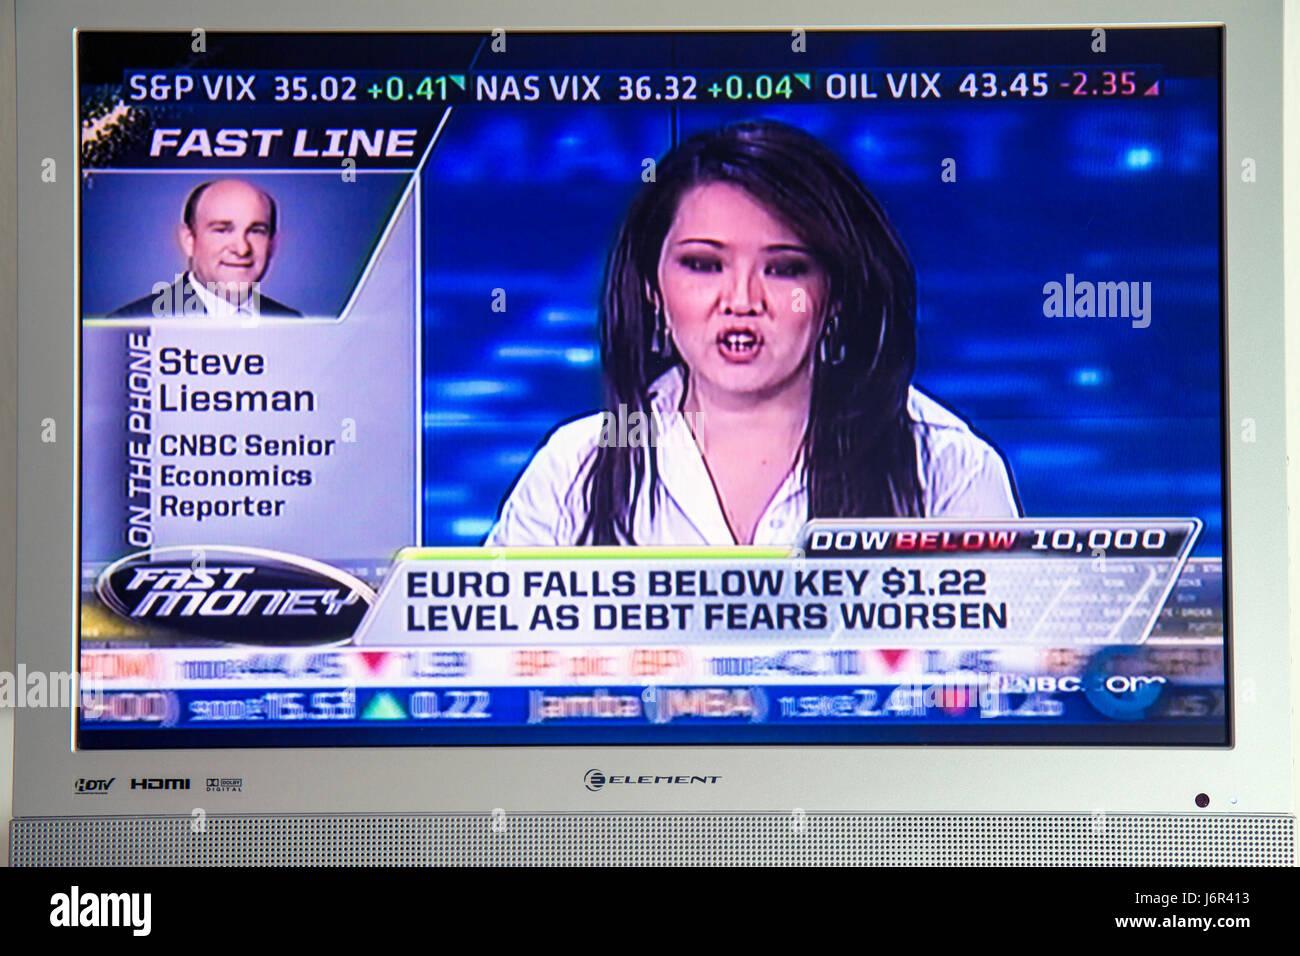 Crisis financiera Euro temor Eurozona noticias EEU monedas la deuda bancaria TV pantalla plana de televisión Foto de stock